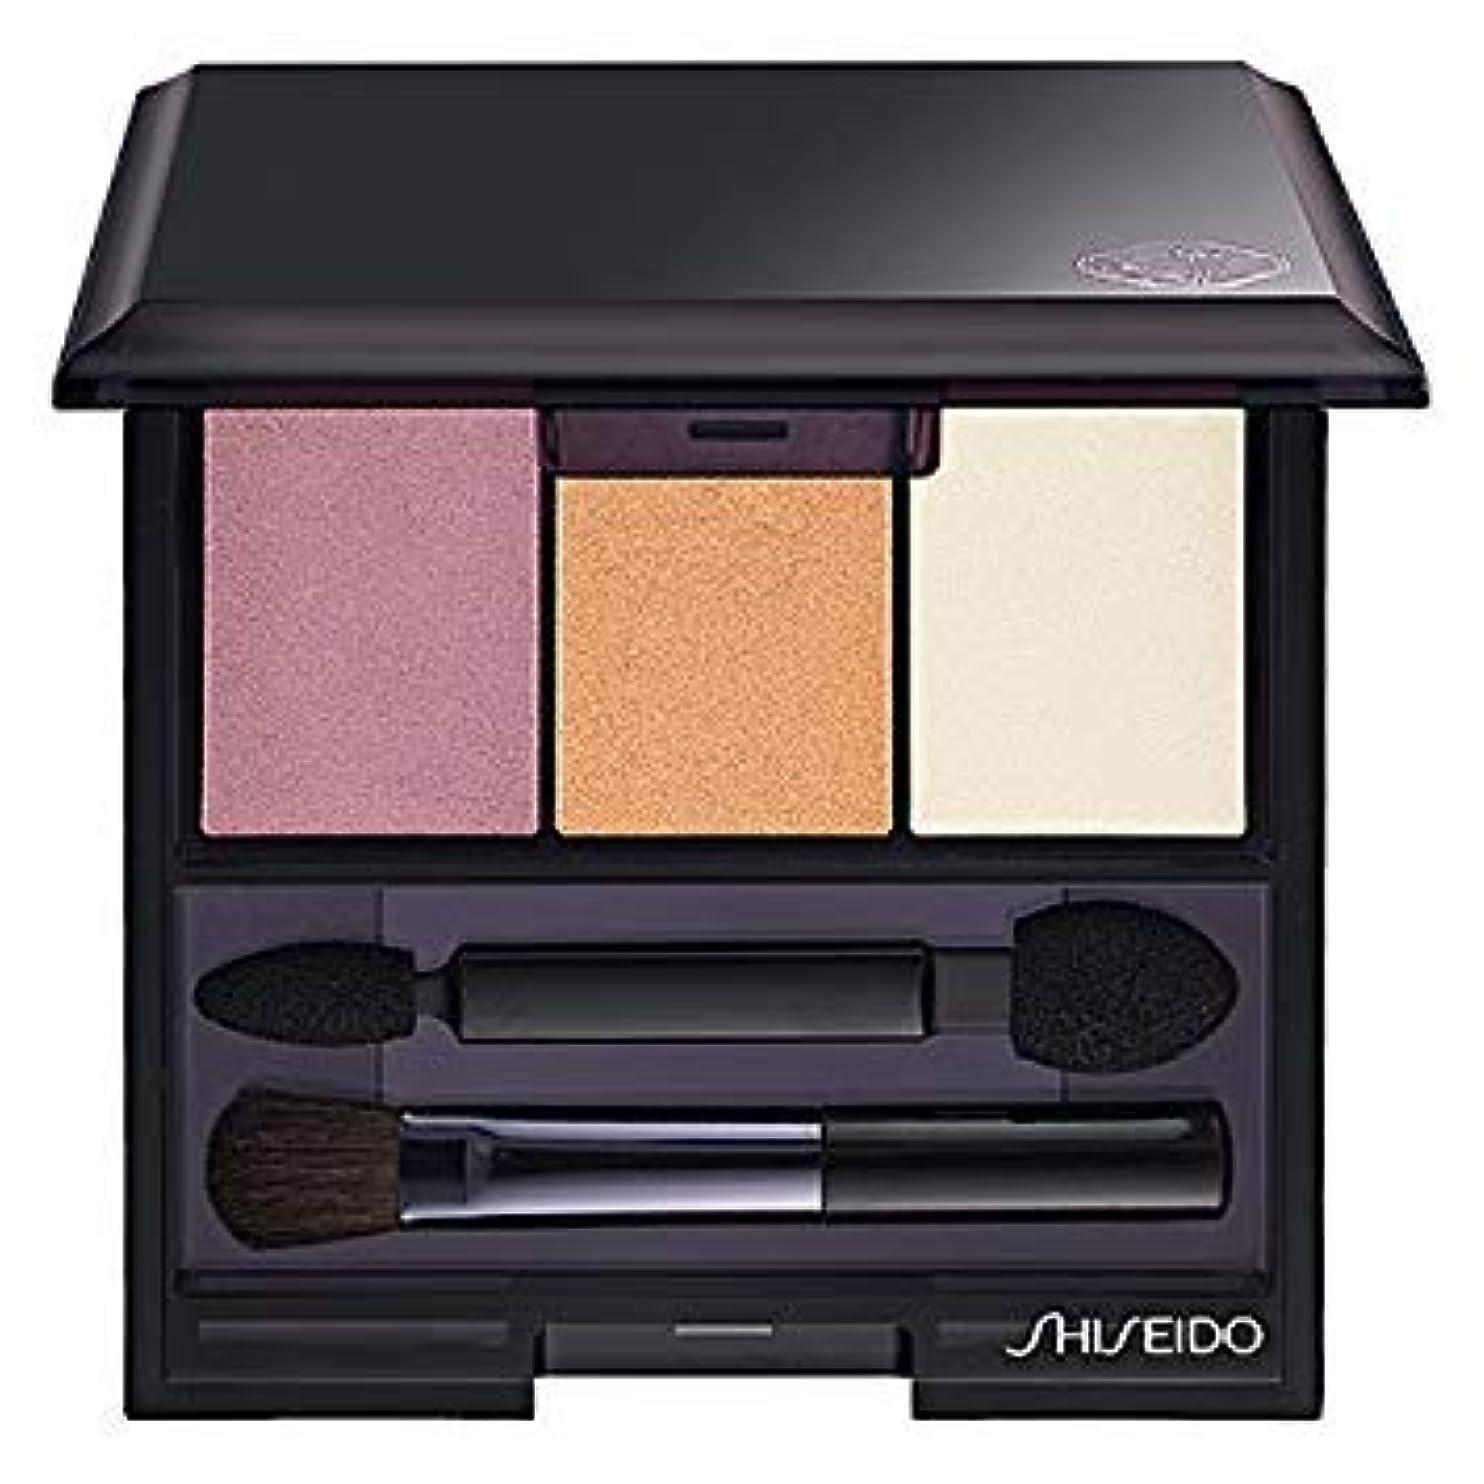 預言者フェミニン暴露資生堂 ルミナイジング サテン アイカラー トリオ RD299(Shiseido Luminizing Satin Eye Color Trio RD299) [並行輸入品]